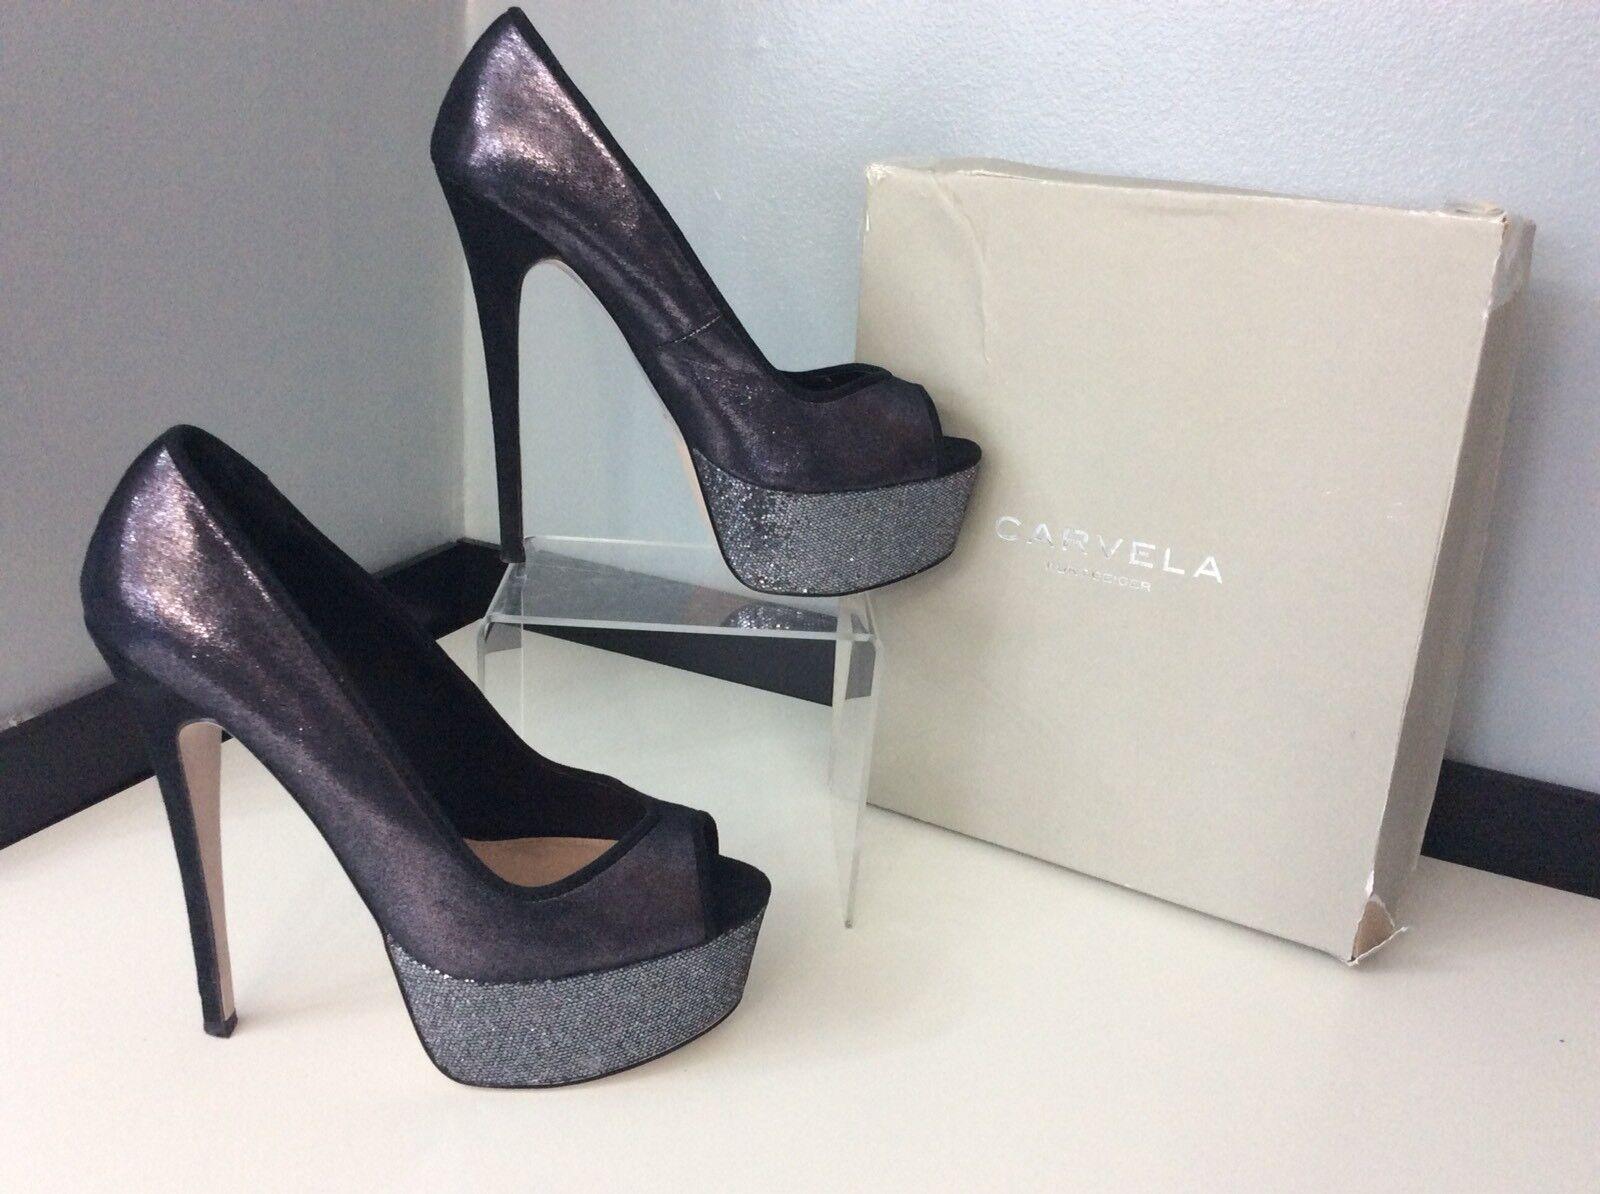 Carvela Kurt Geiger femme haut talon chaussures UK 6 Eu39 raisin, bout ouvert, très bon état